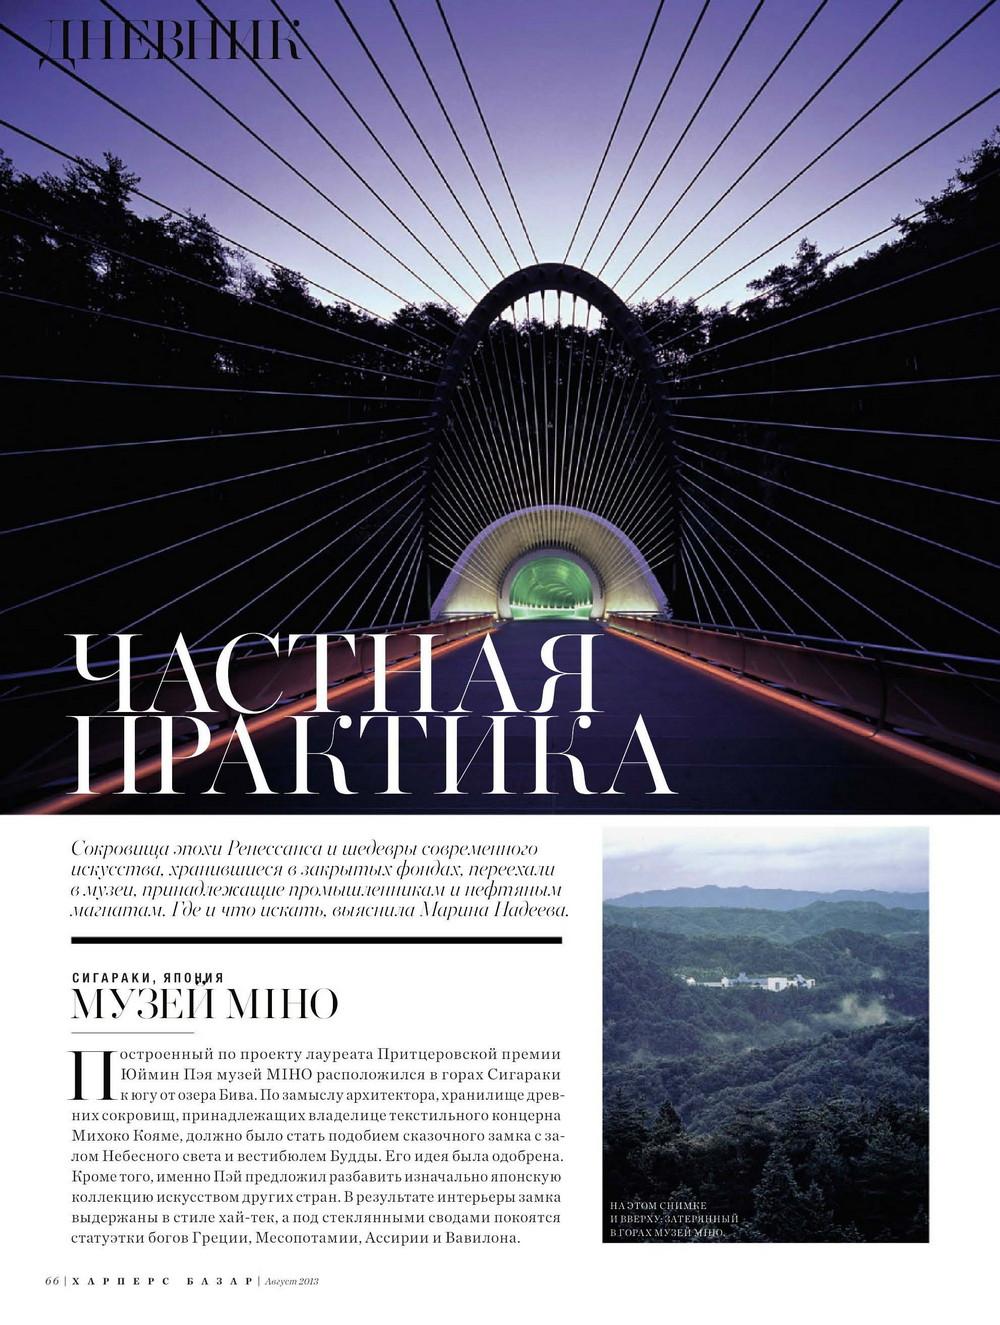 http://images.vfl.ru/ii/1383751235/4a055342/3462020.jpg